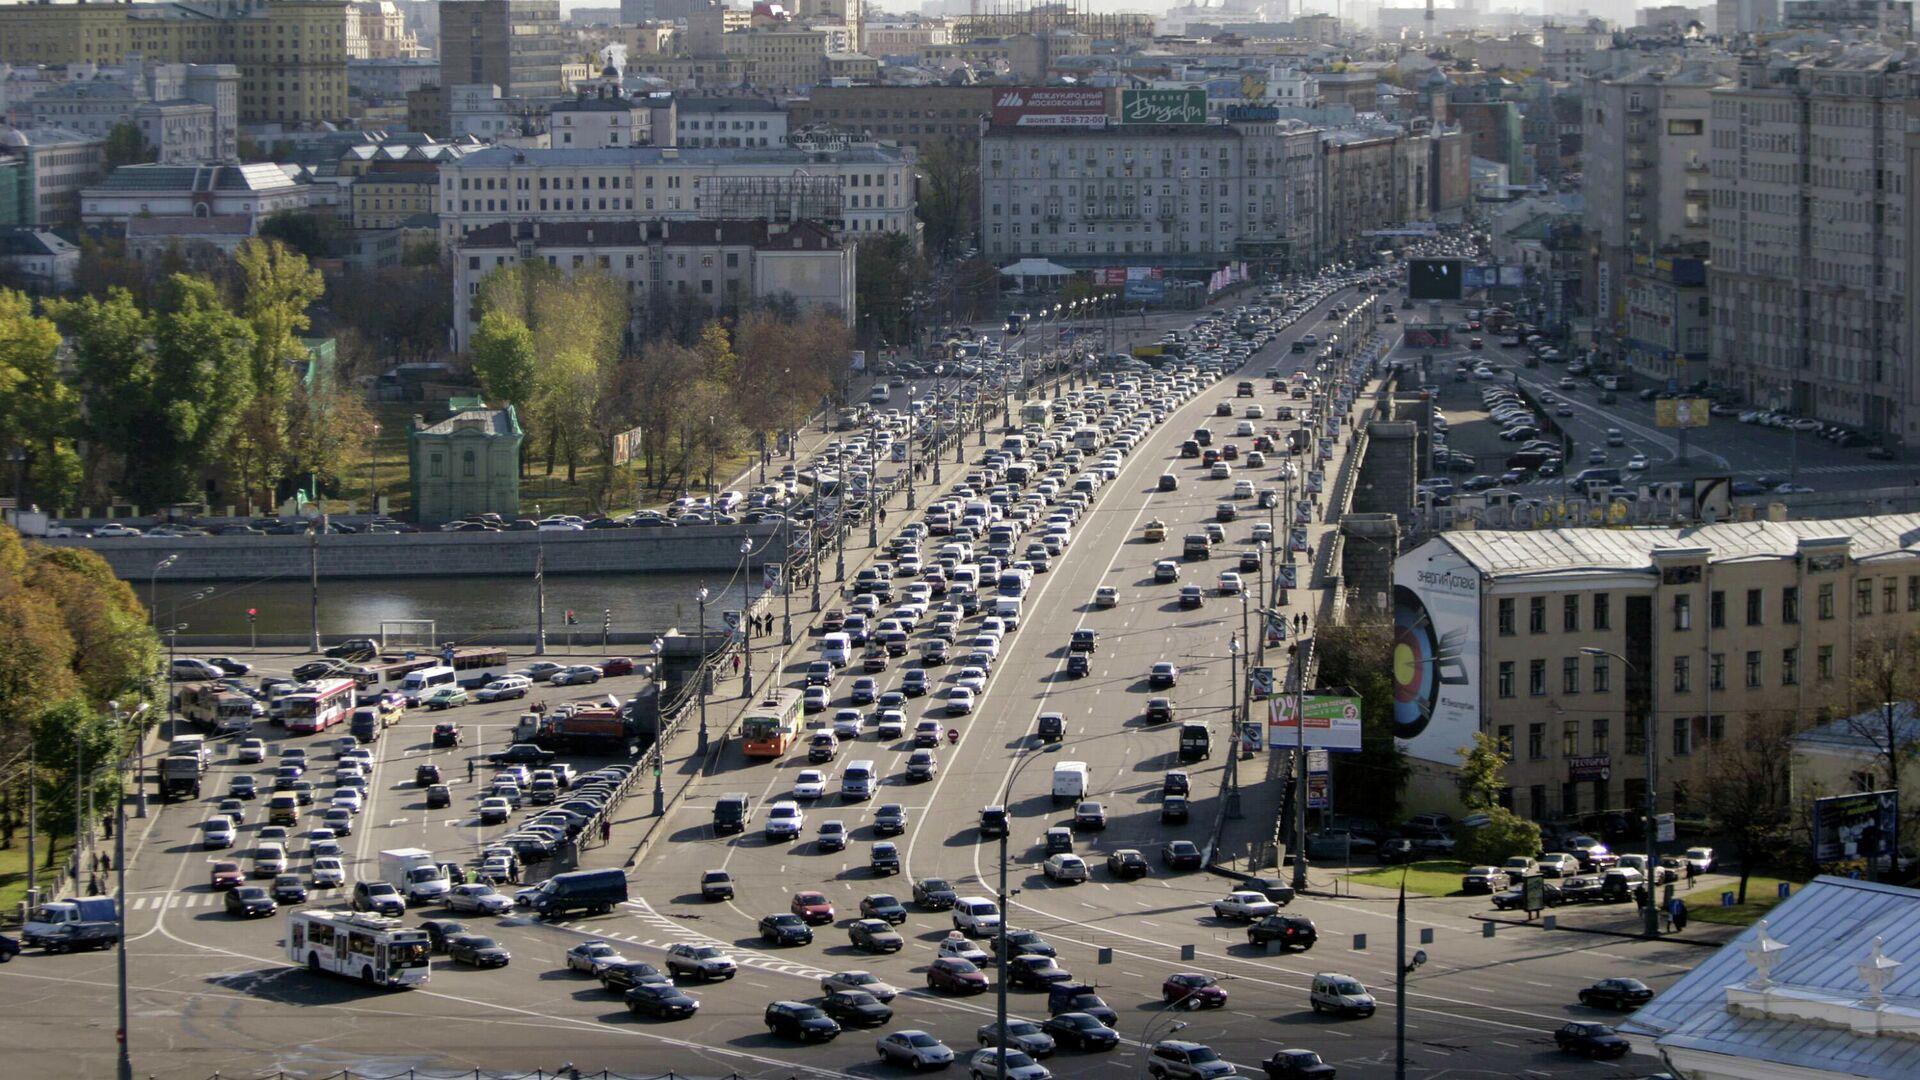 Москва с верхней точки. Вид на Большой Каменный мост с Дома Пашкова - РИА Новости, 1920, 07.05.2021